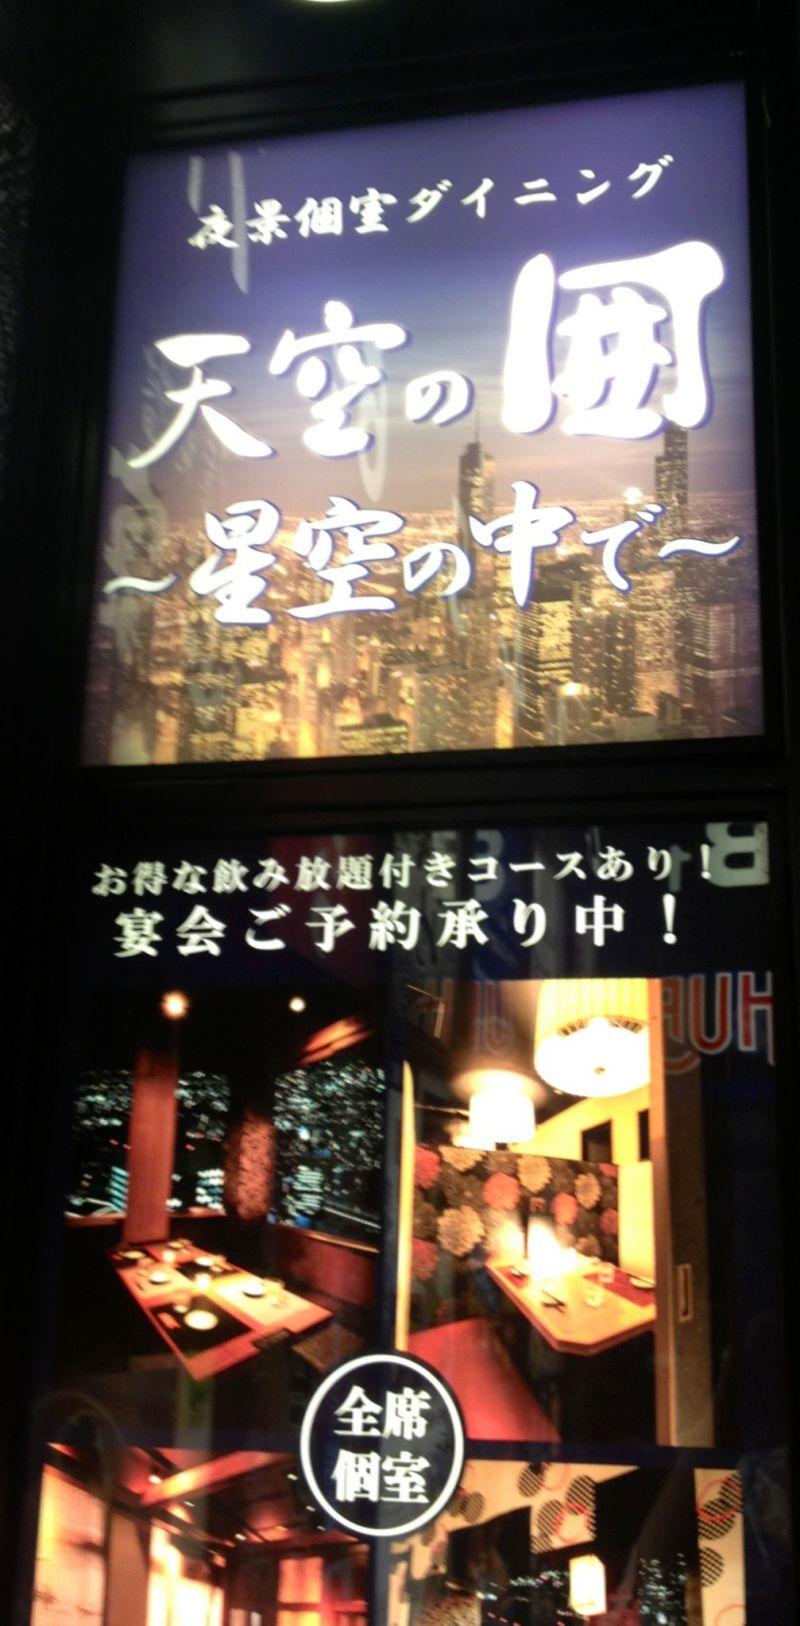 夜景・鮮魚ダイニング 天空の囲 上野駅前店